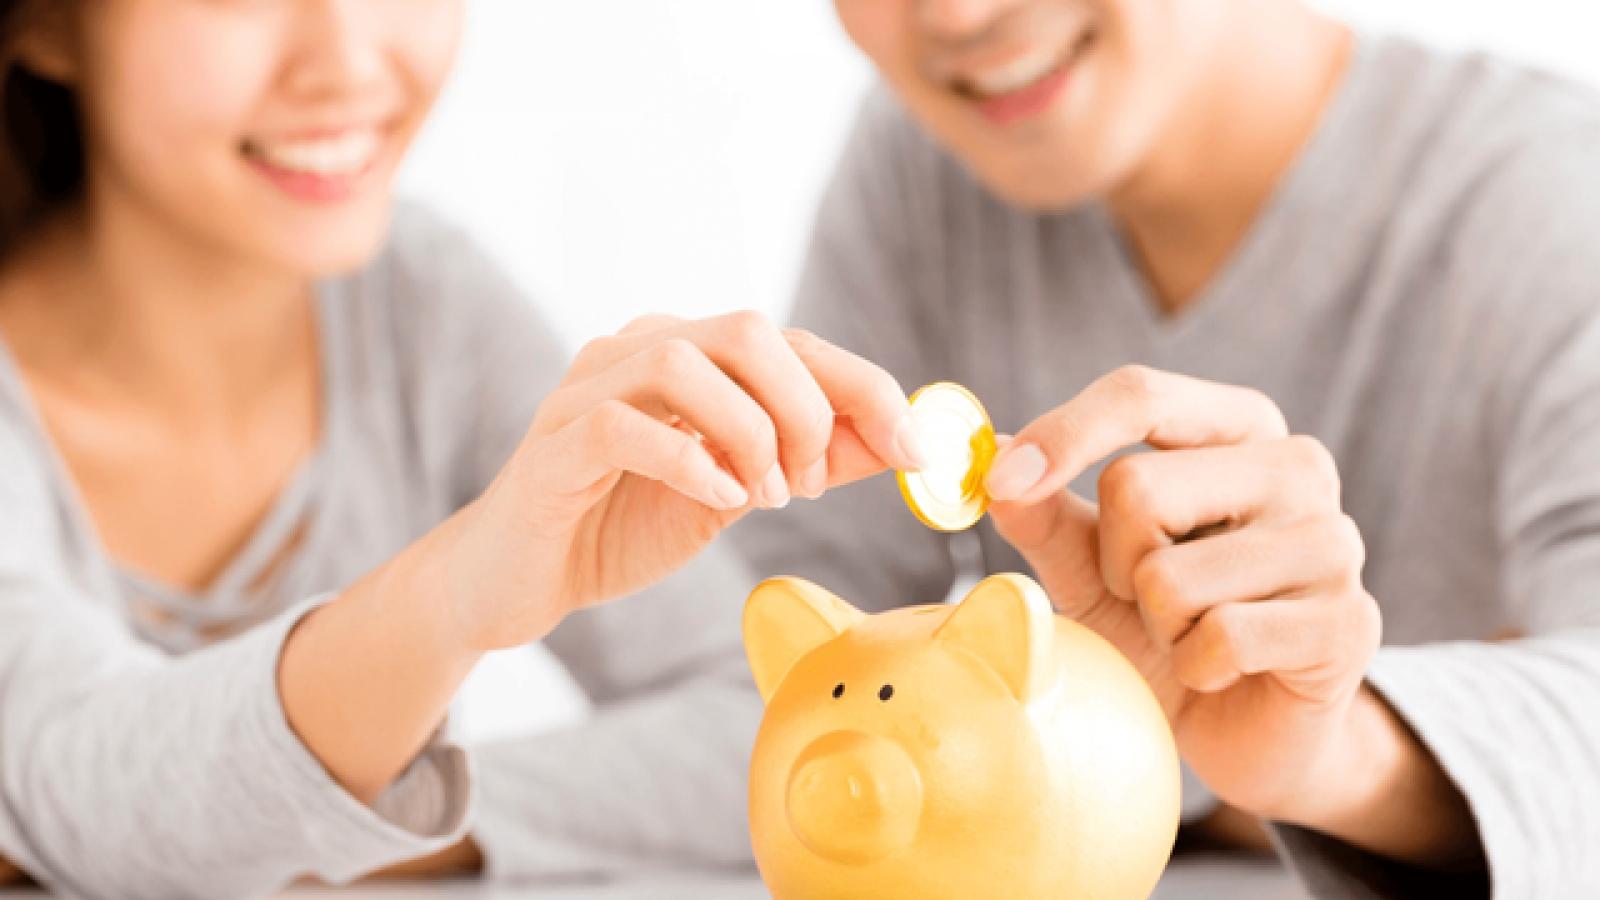 Chẳng ai nghèo mãi nếu như biết tiết kiệm và tiêu tiền đúng cách